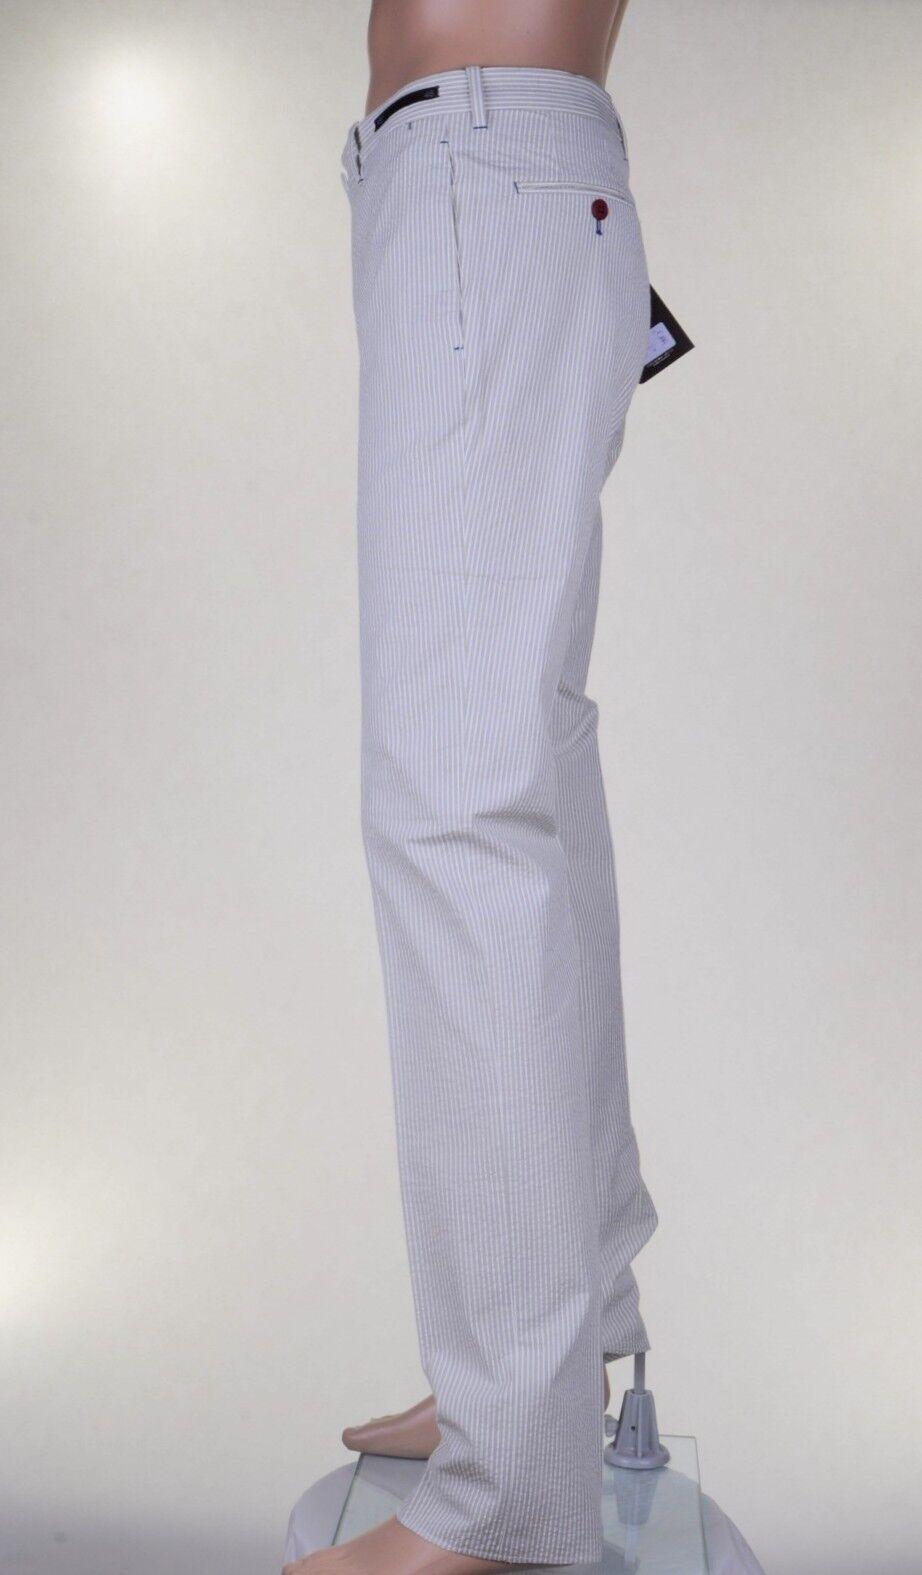 Pt 01  -  Pants - male - 54 - Beige - 163323N150920